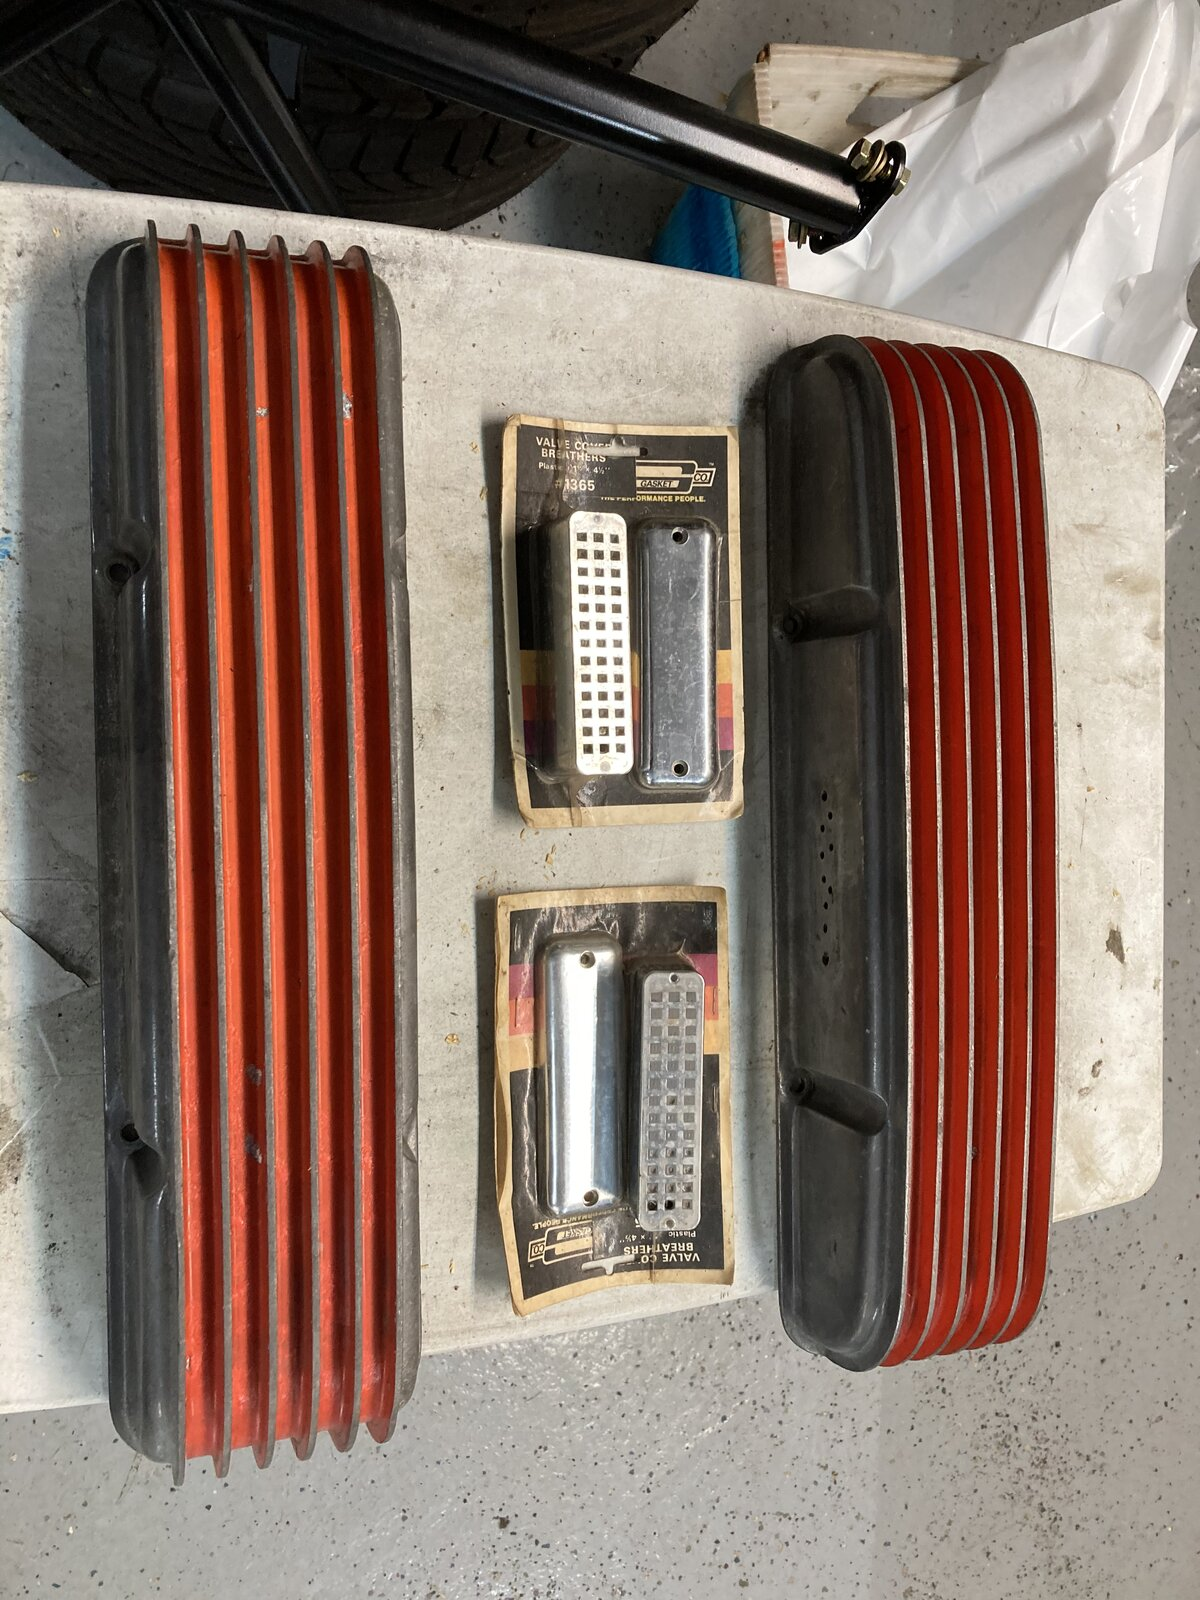 C13FB012-990E-49E0-ADE9-554EBA382C4C.jpeg